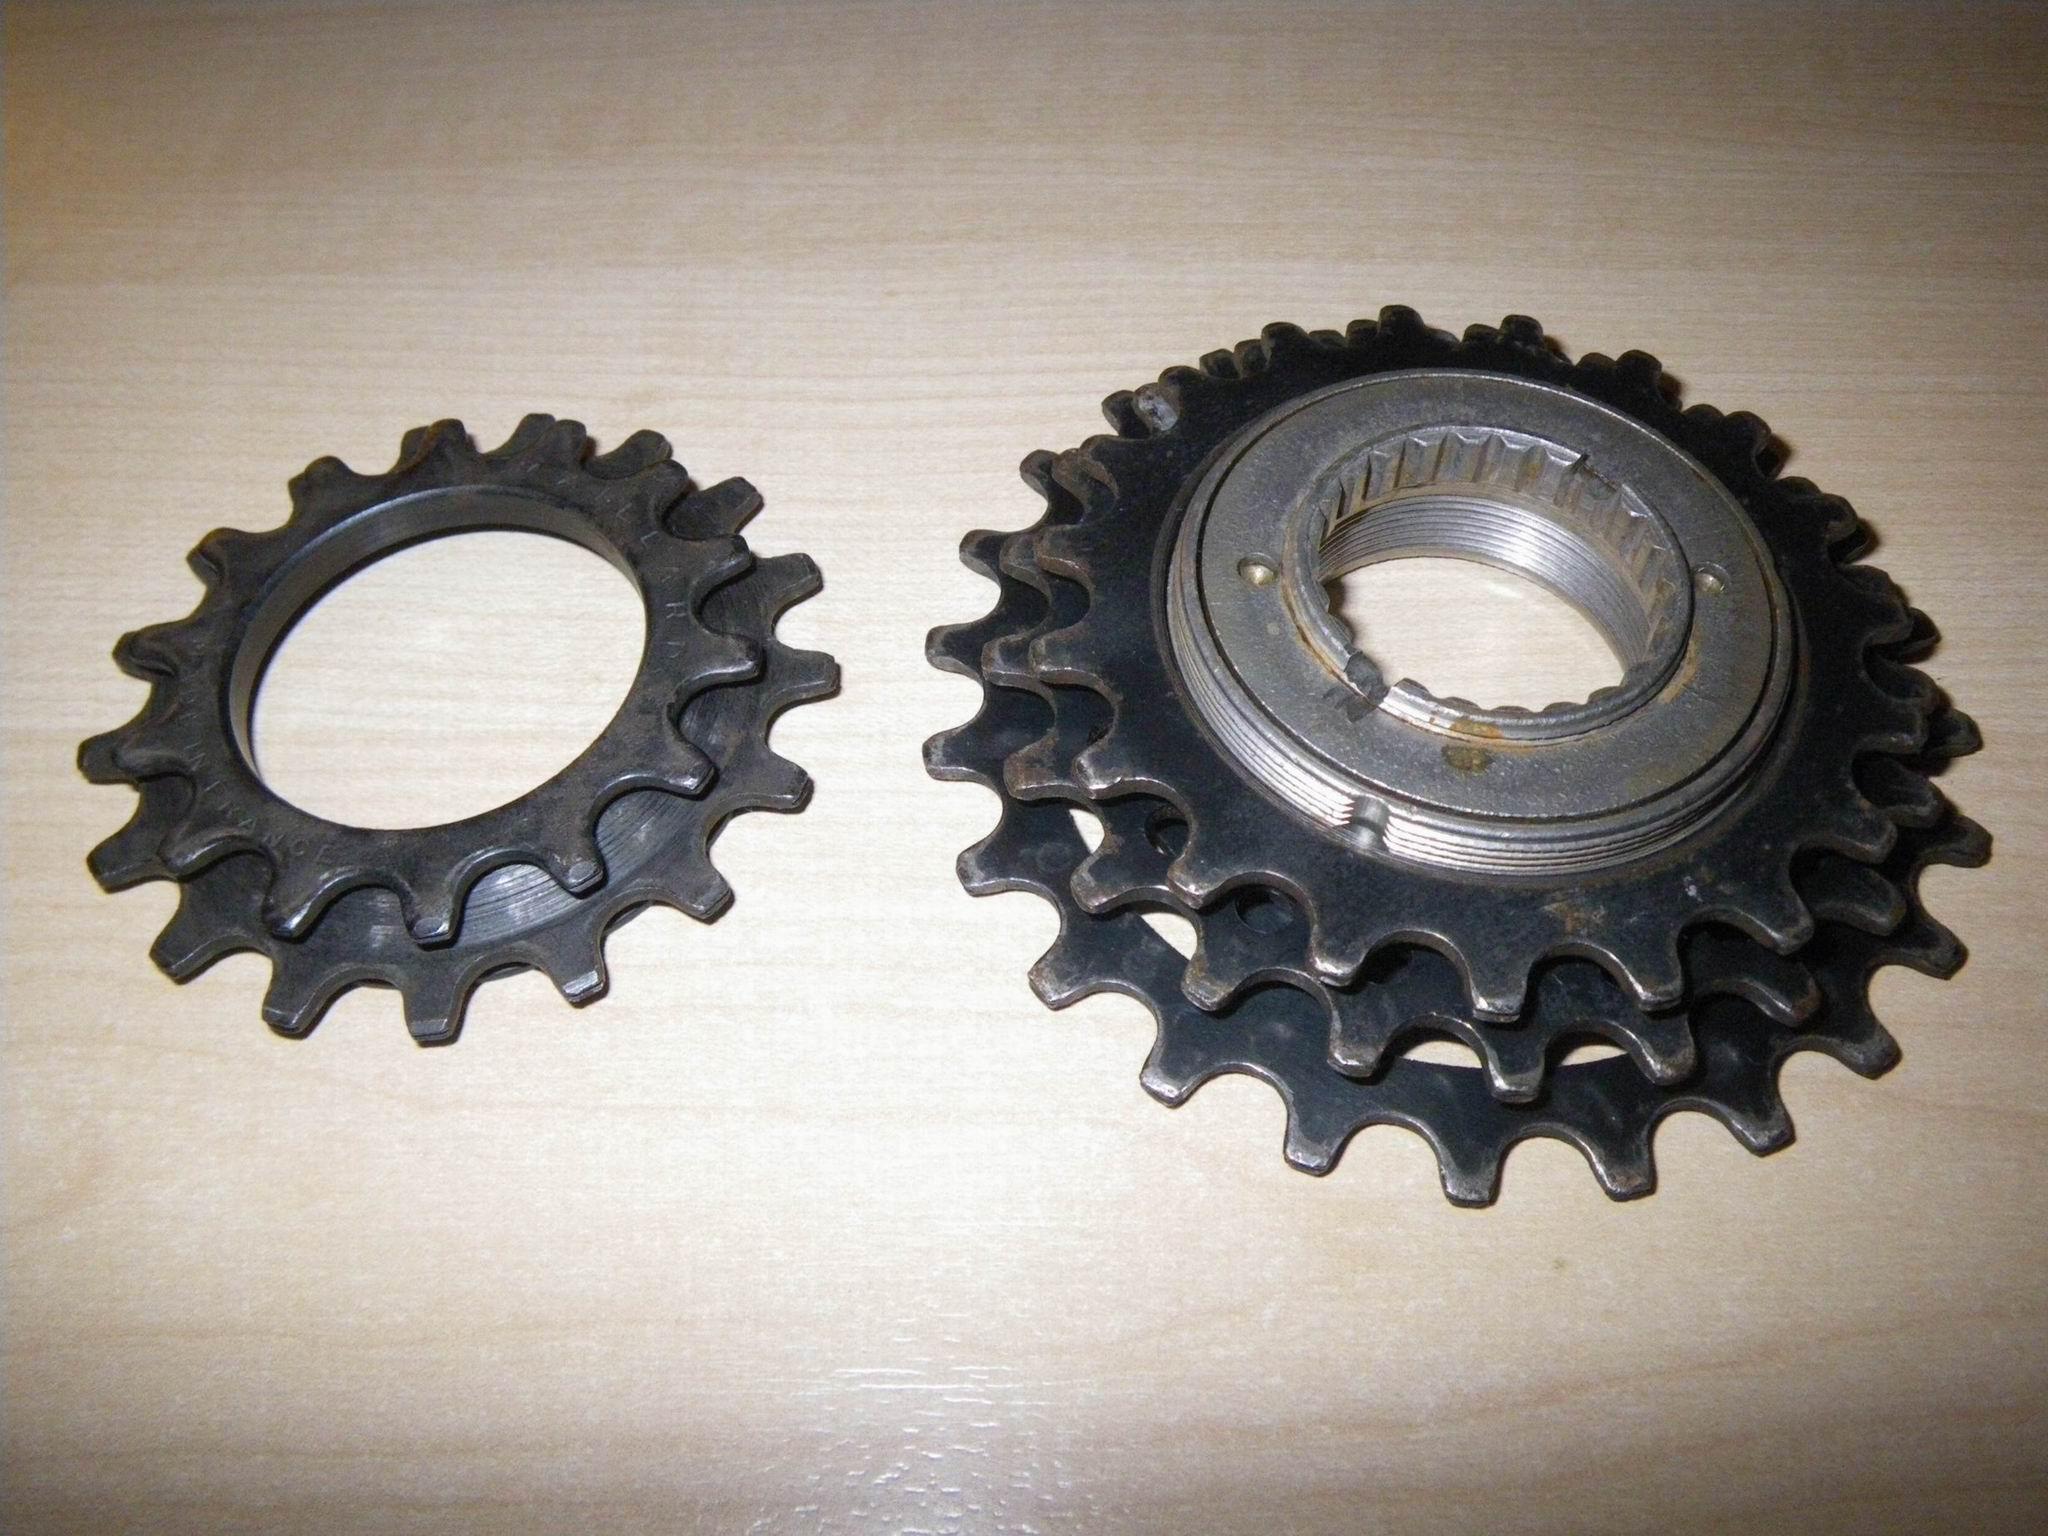 Pignons roue libre Maillard 5V (très) récalcitrants ... une idée ? File